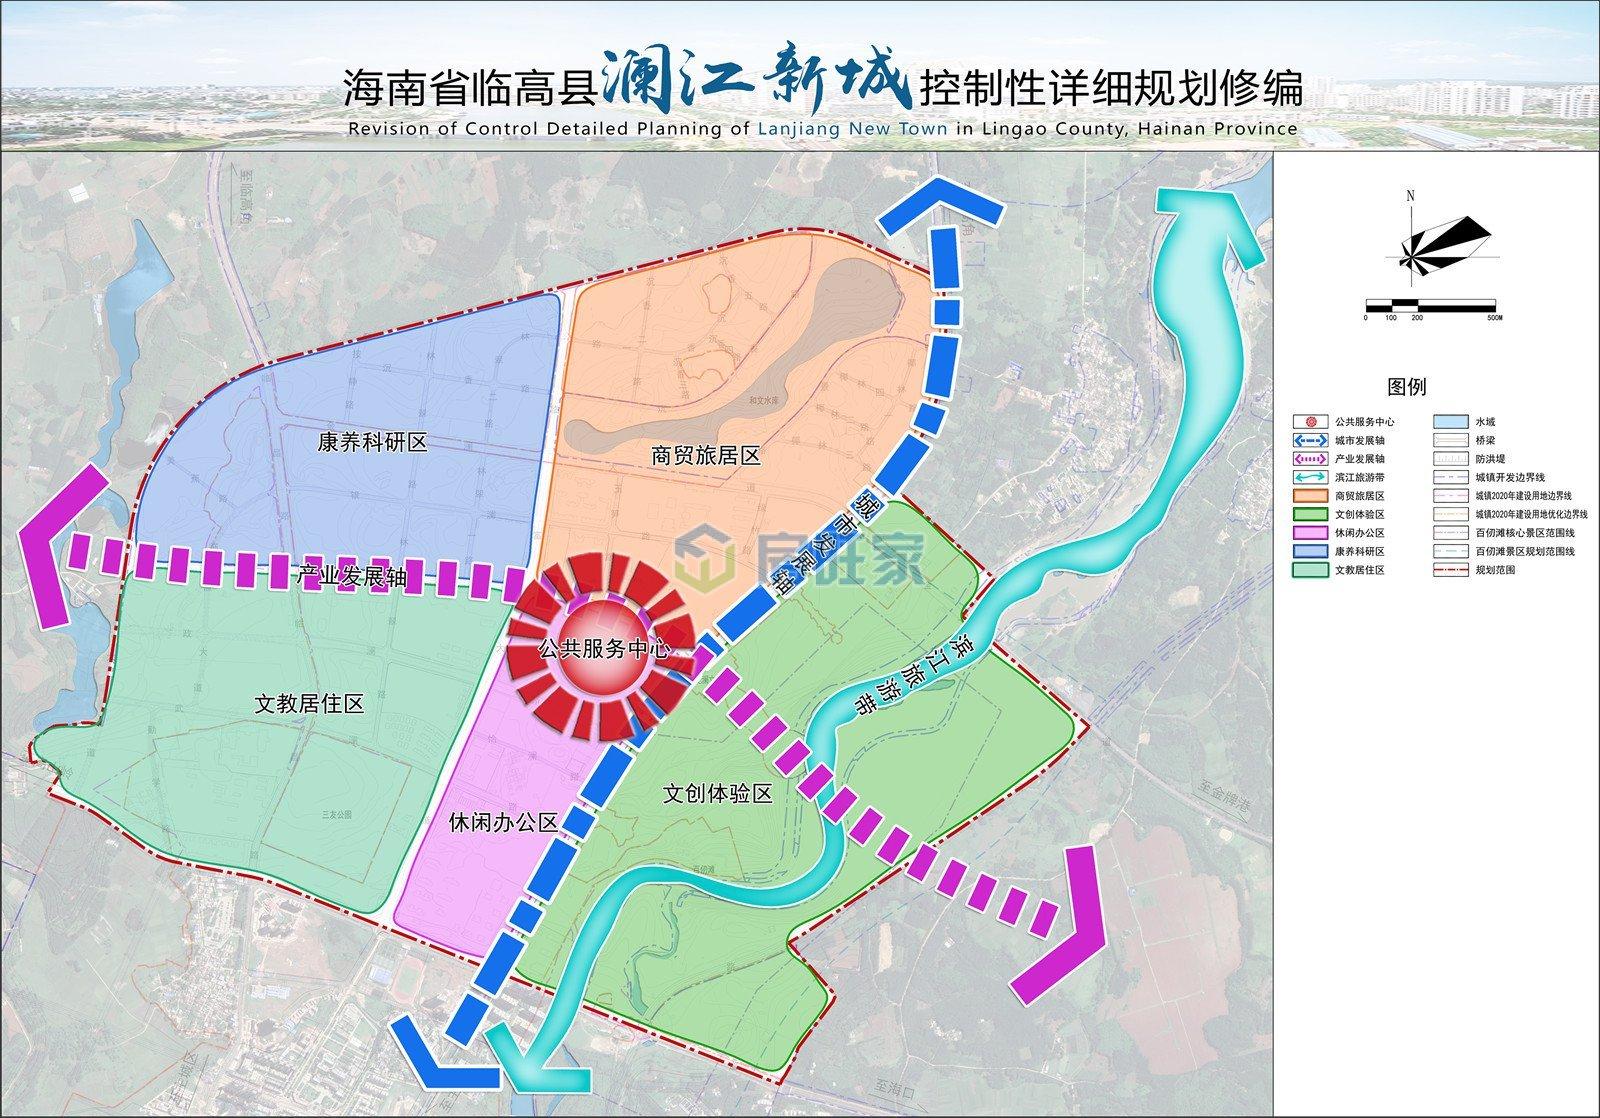 澜江新城功能结构规划图